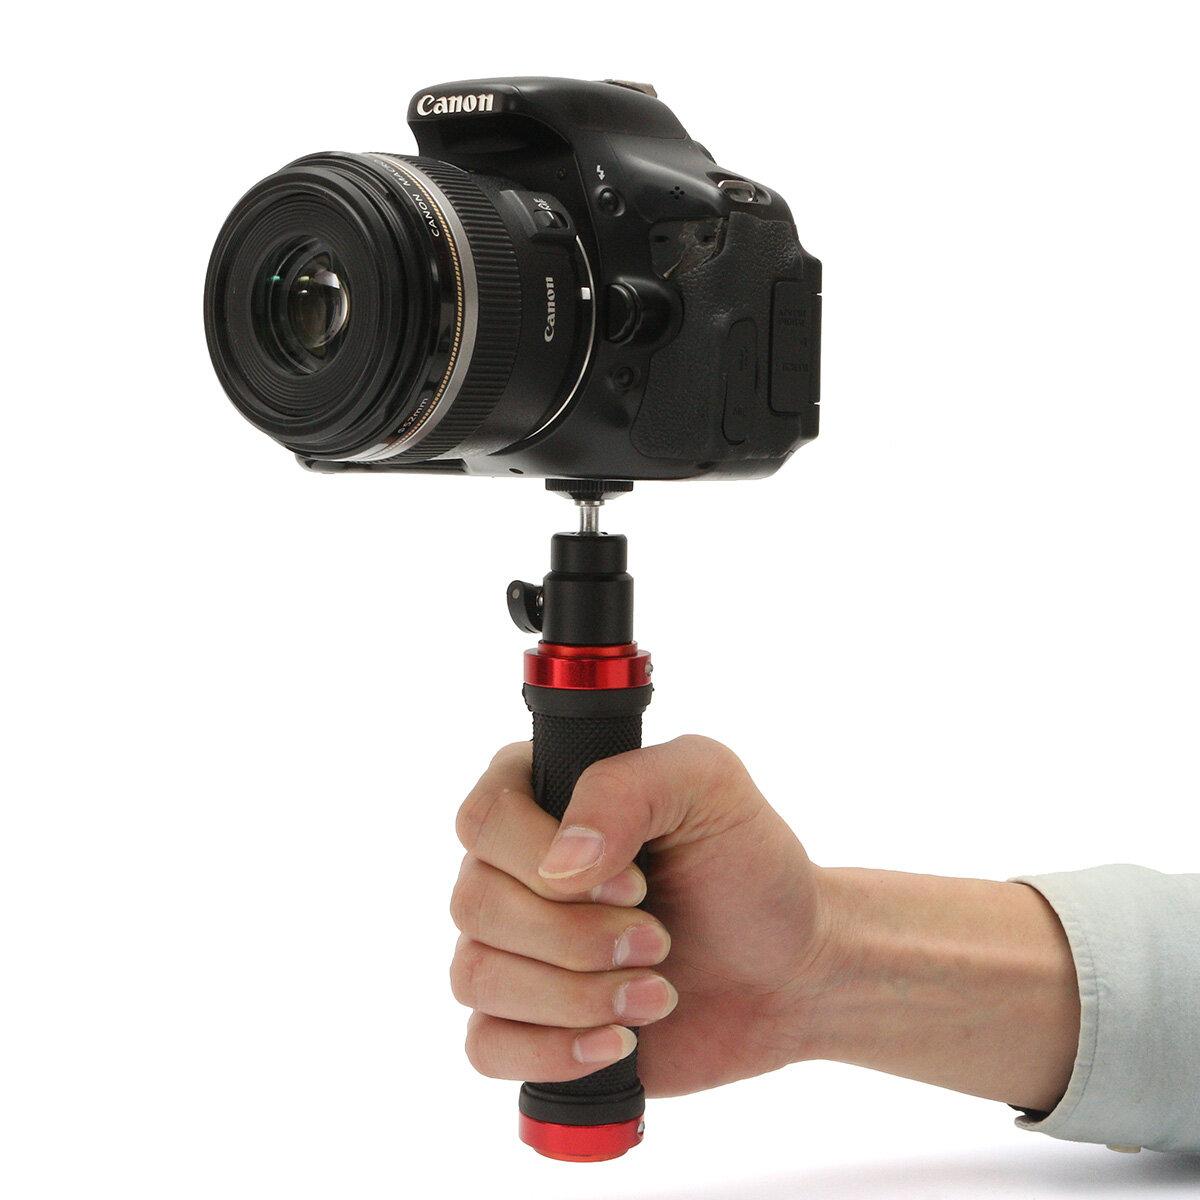 dslr camera handheld rubber